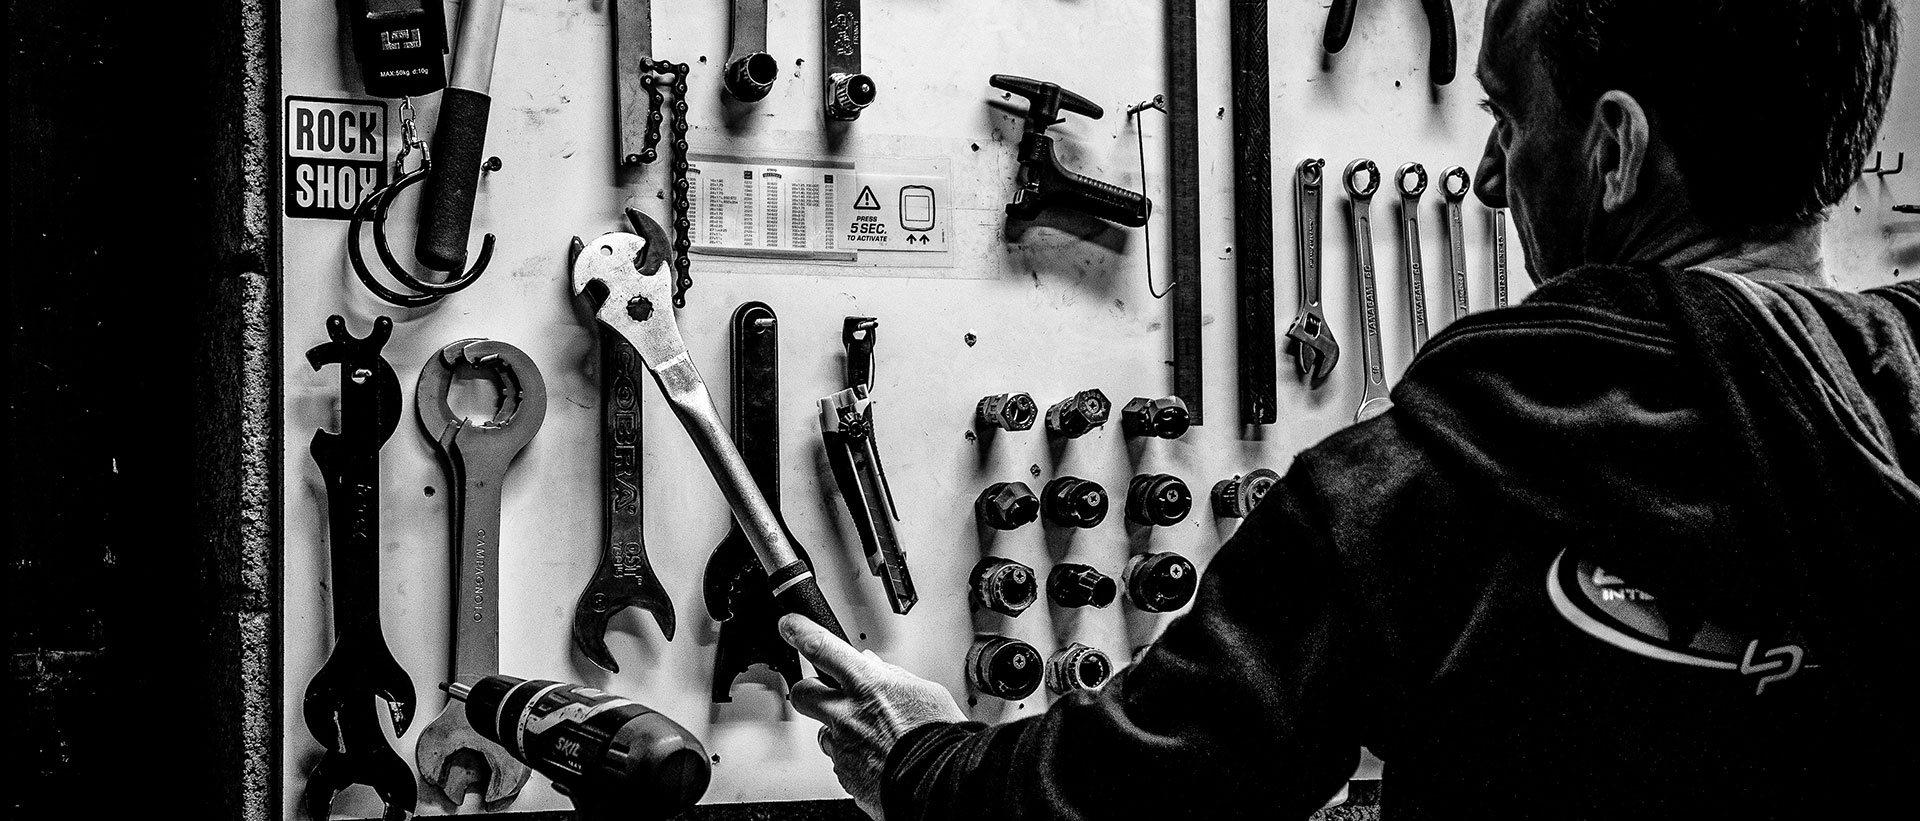 Brival Tulle atelier de réparation de vélos